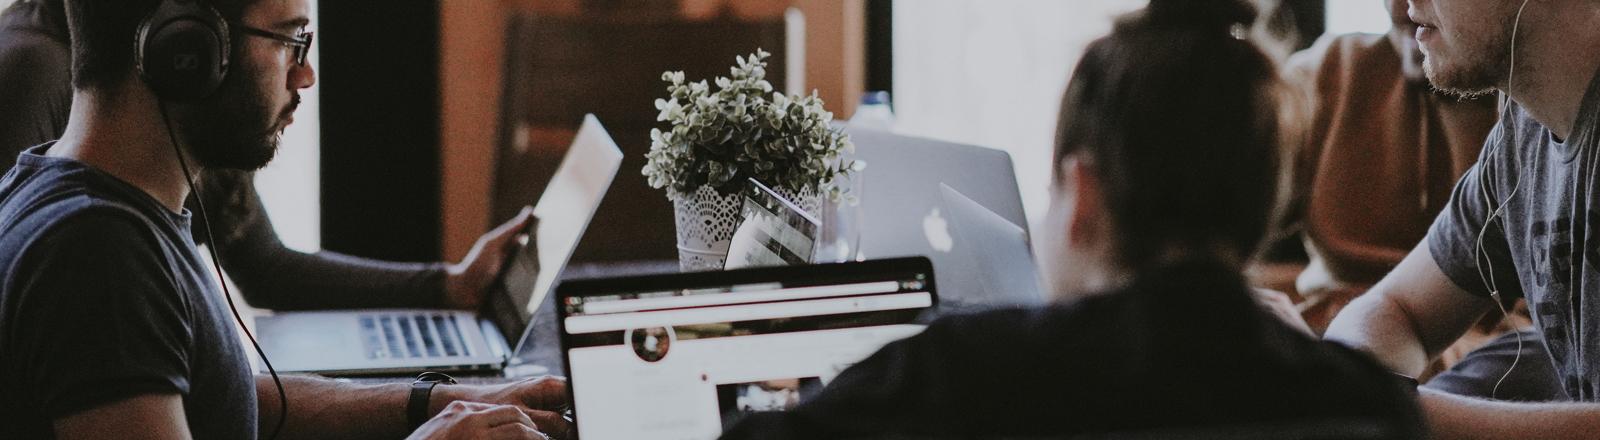 Menschen am Tisch vor ihren Laptops